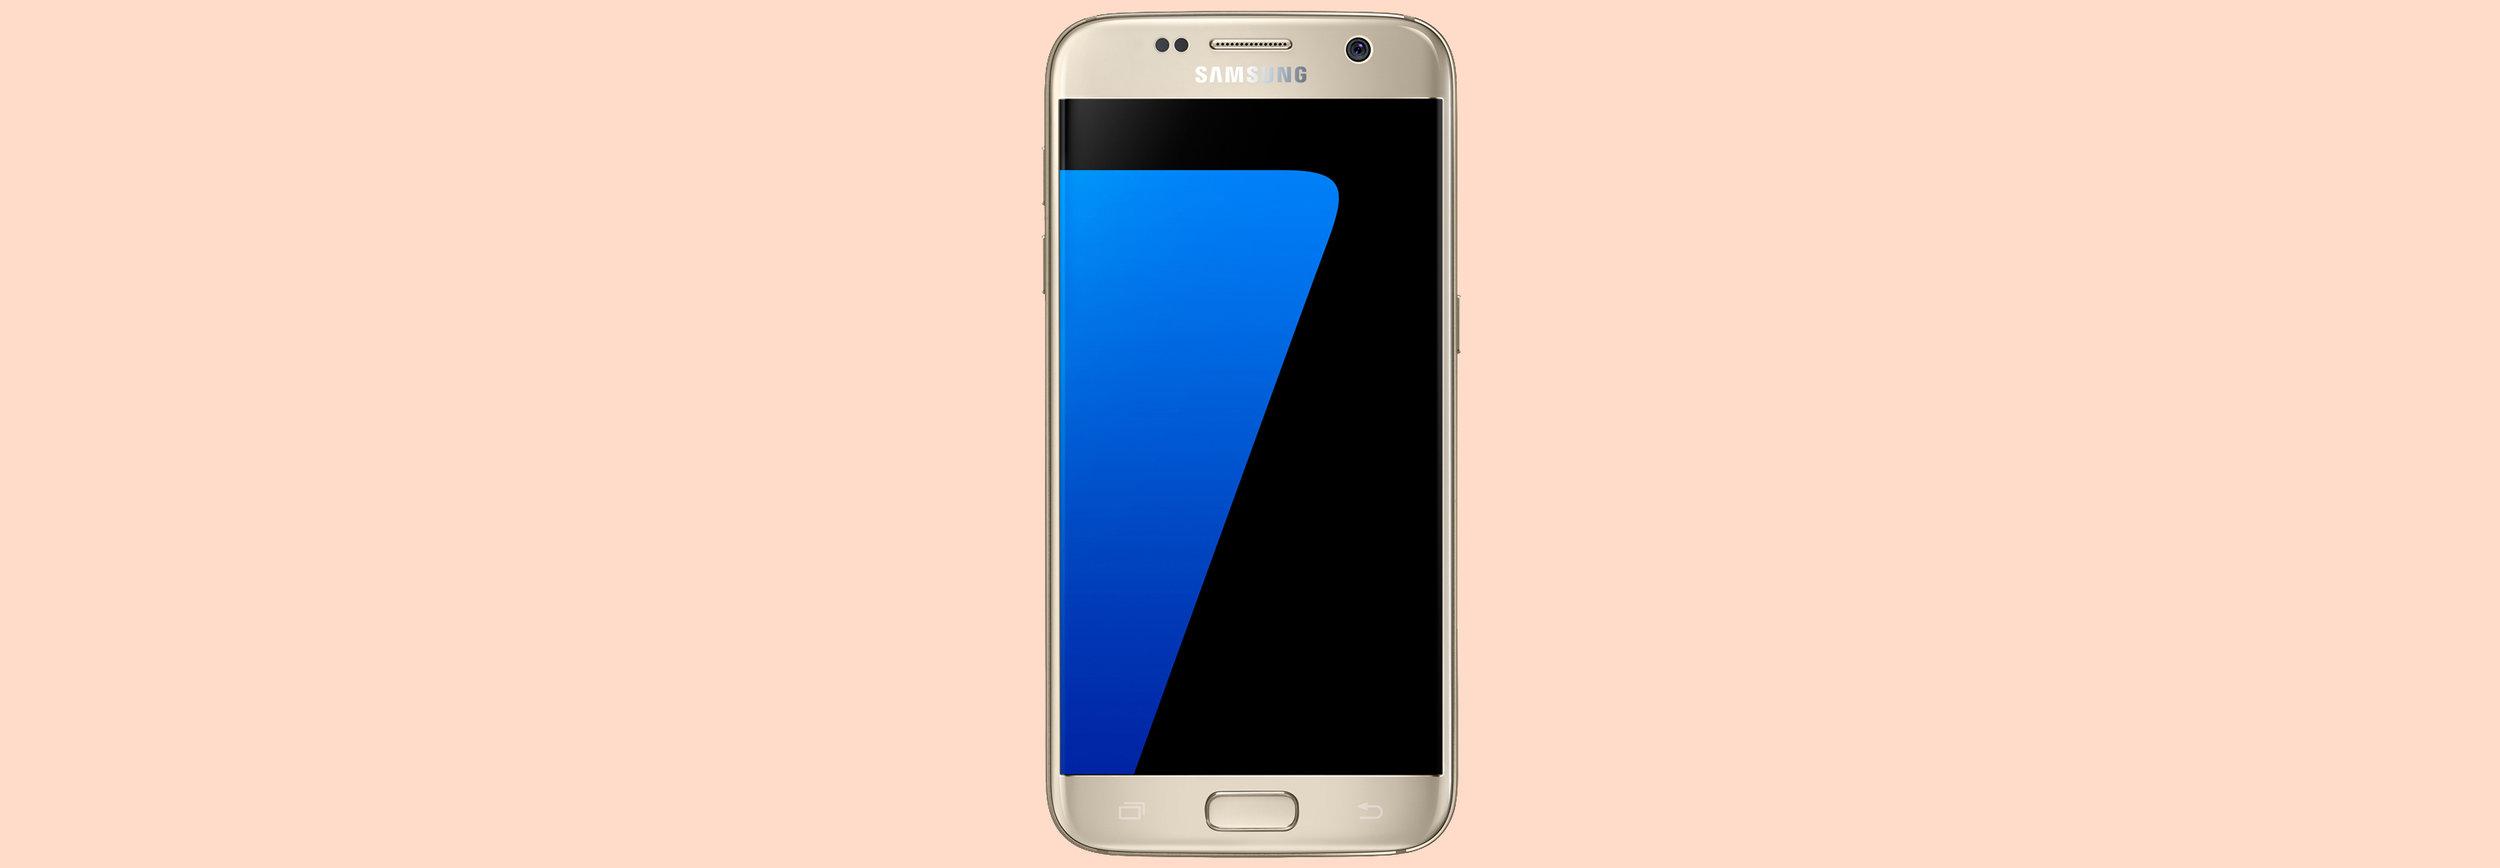 Galaxy S7 Ex.jpg